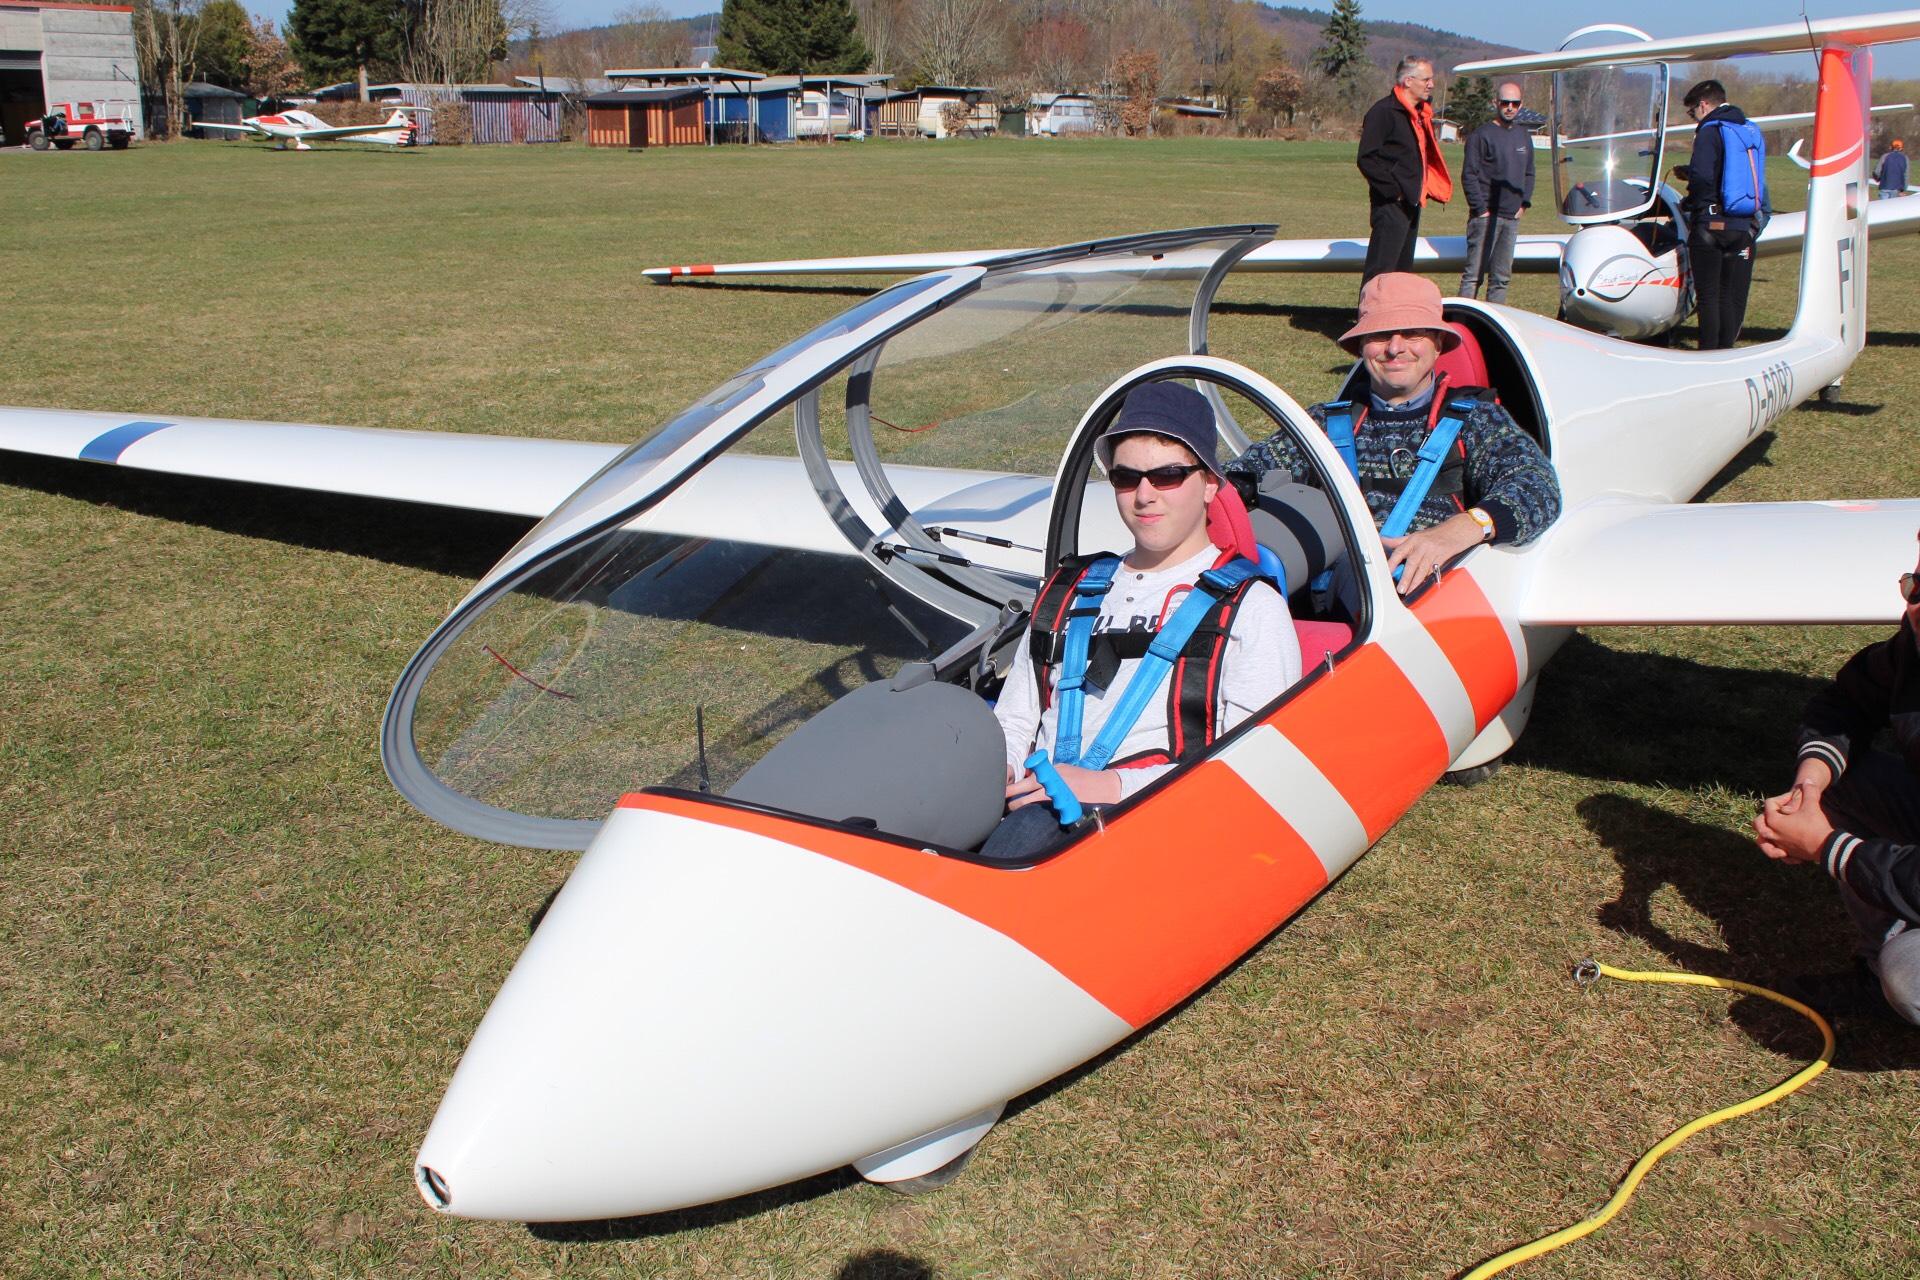 Florian: angespanntes Warten auf den ersten Windenstart (mit Fluglehrer Jürgen)